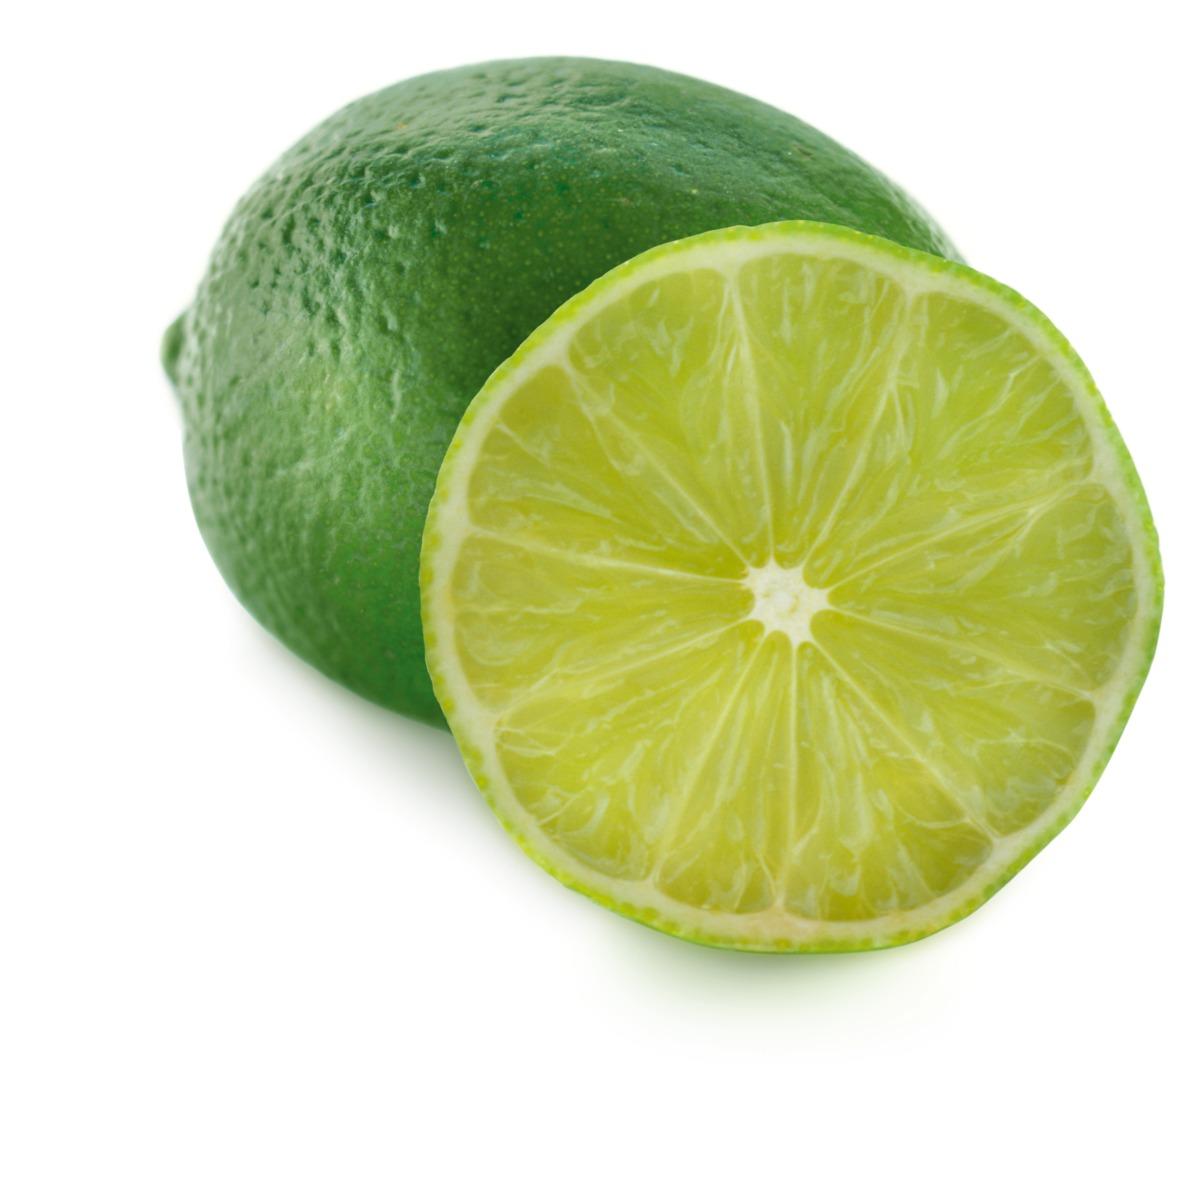 Zumo de lima para guacamole casero